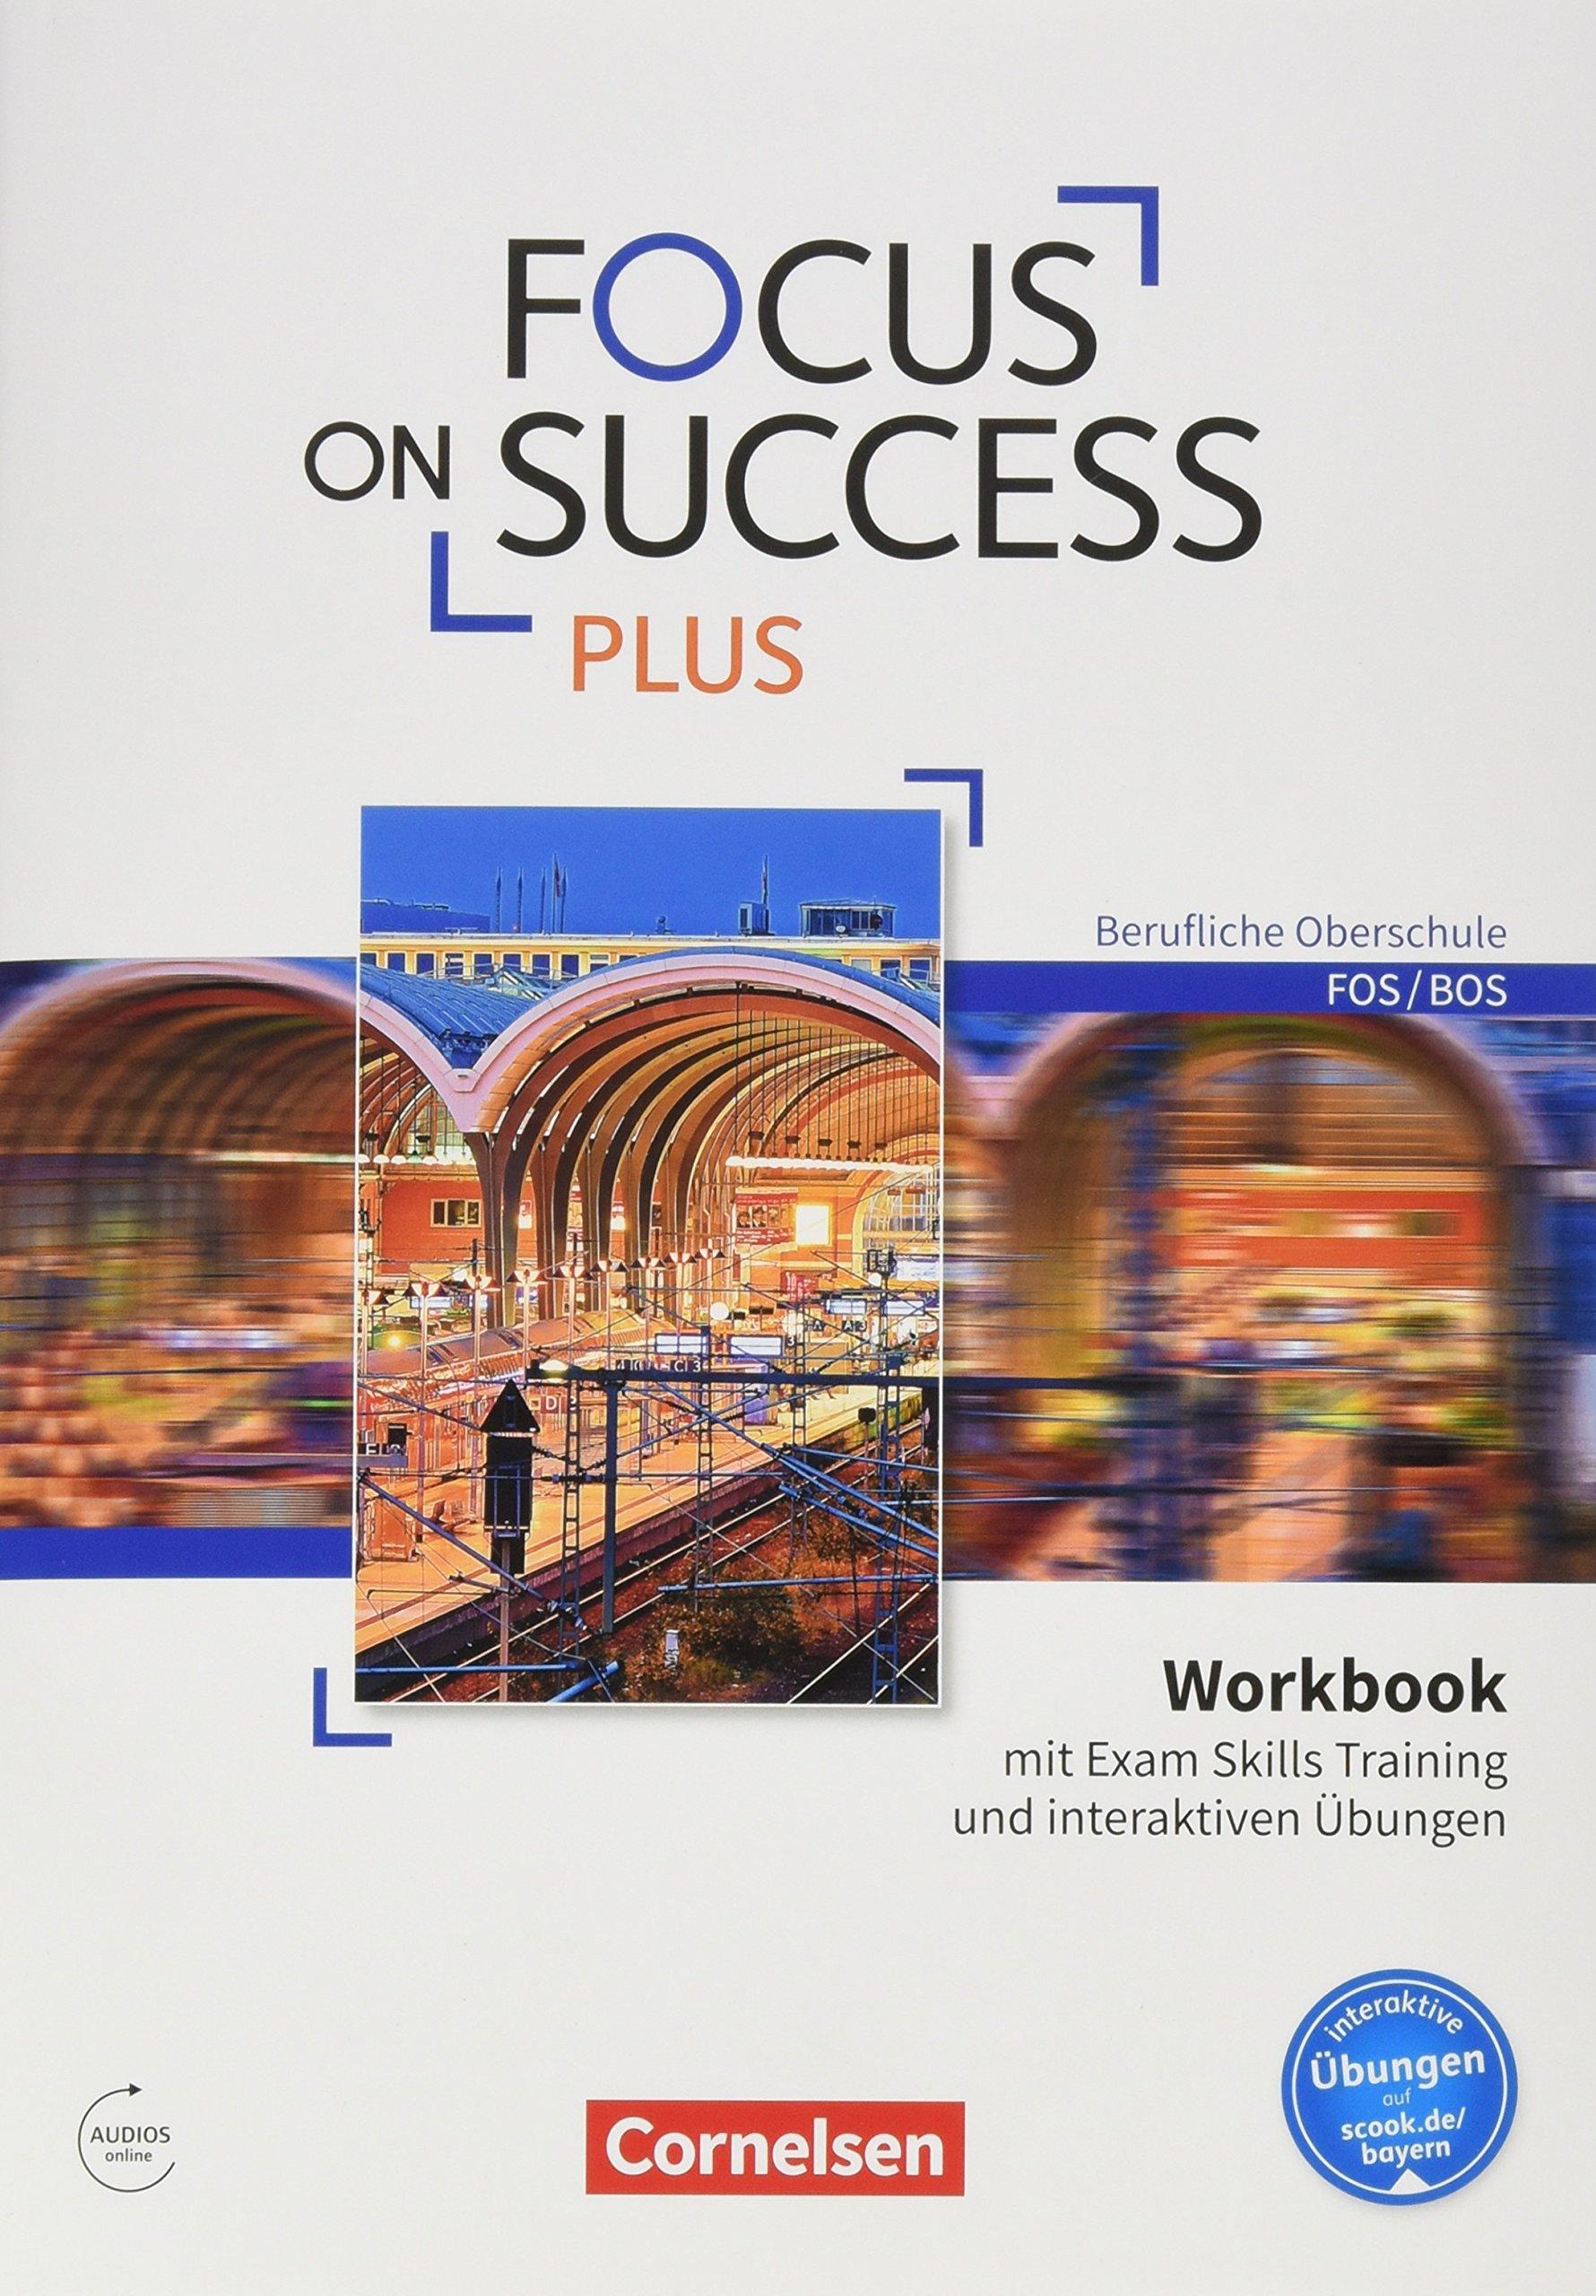 Focus on Success PLUS - Berufliche Oberschule: FOS/BOS: B1/B2: 11./12. Jahrgangsstufe - Workbook mit interaktiven Übungen auf scook.de: Mit Exam Skills Training und Answer Key